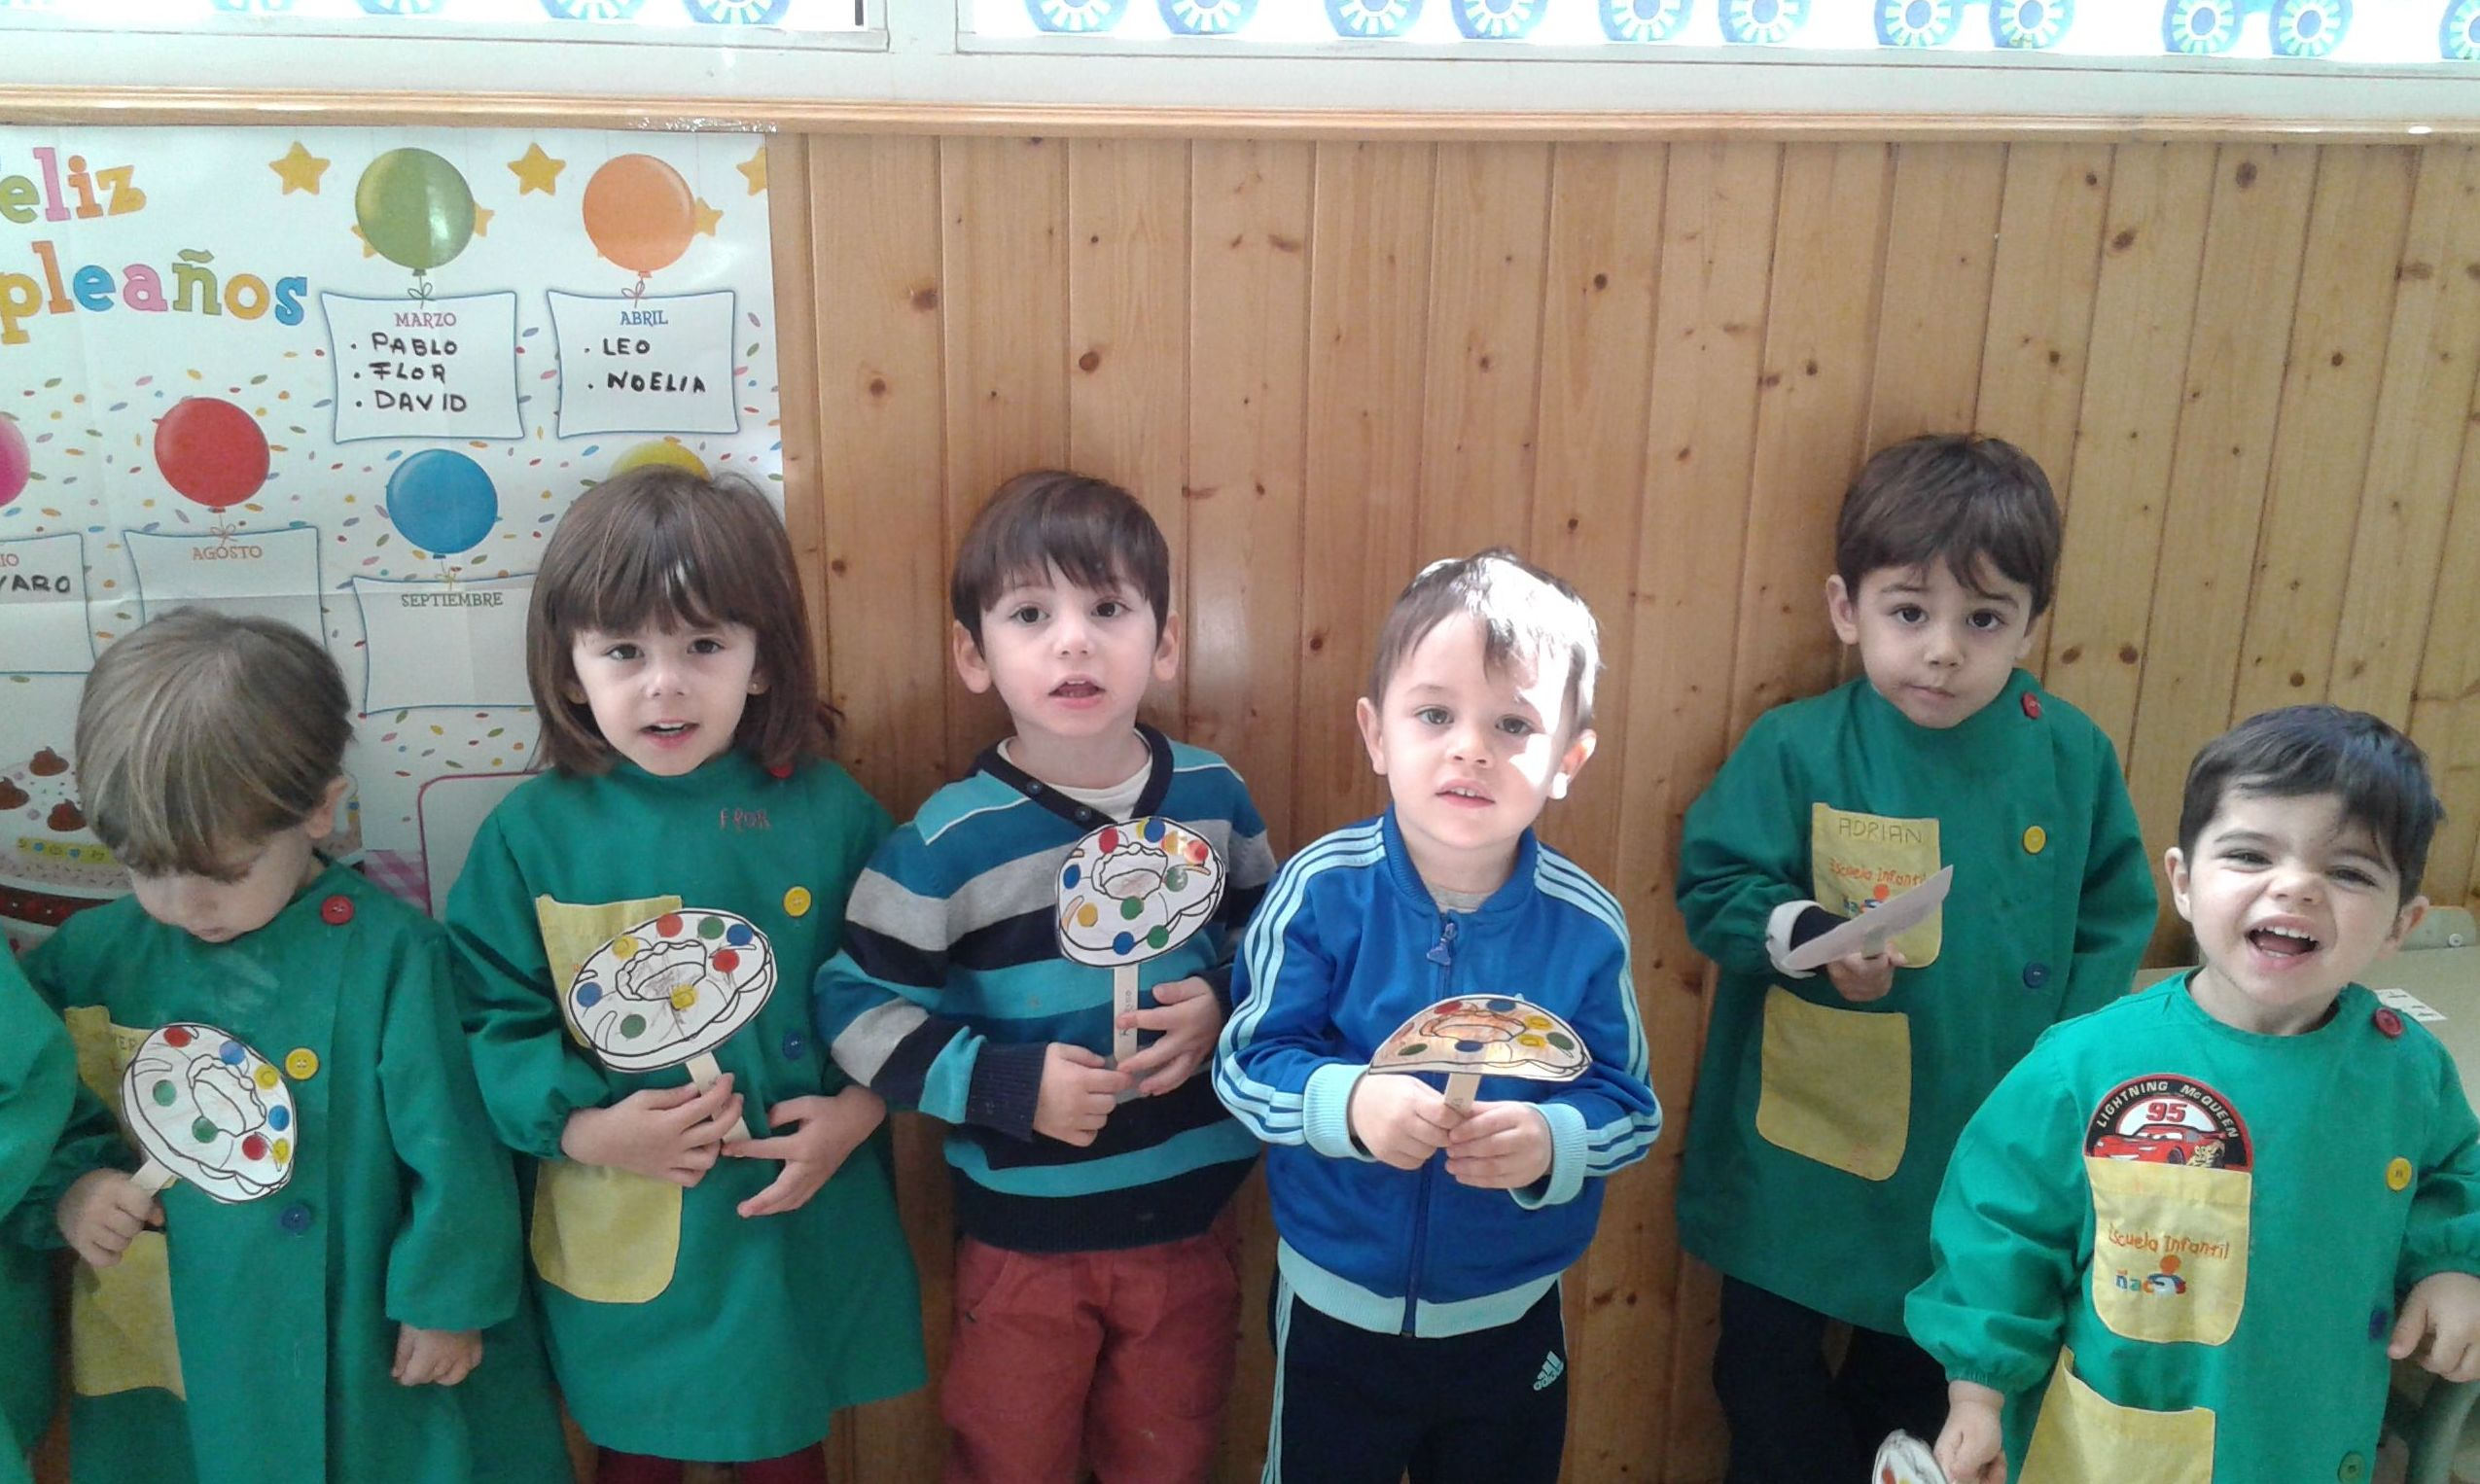 Foto 122 de Guarderías en Albacete | Escuela Infantil Ñacos